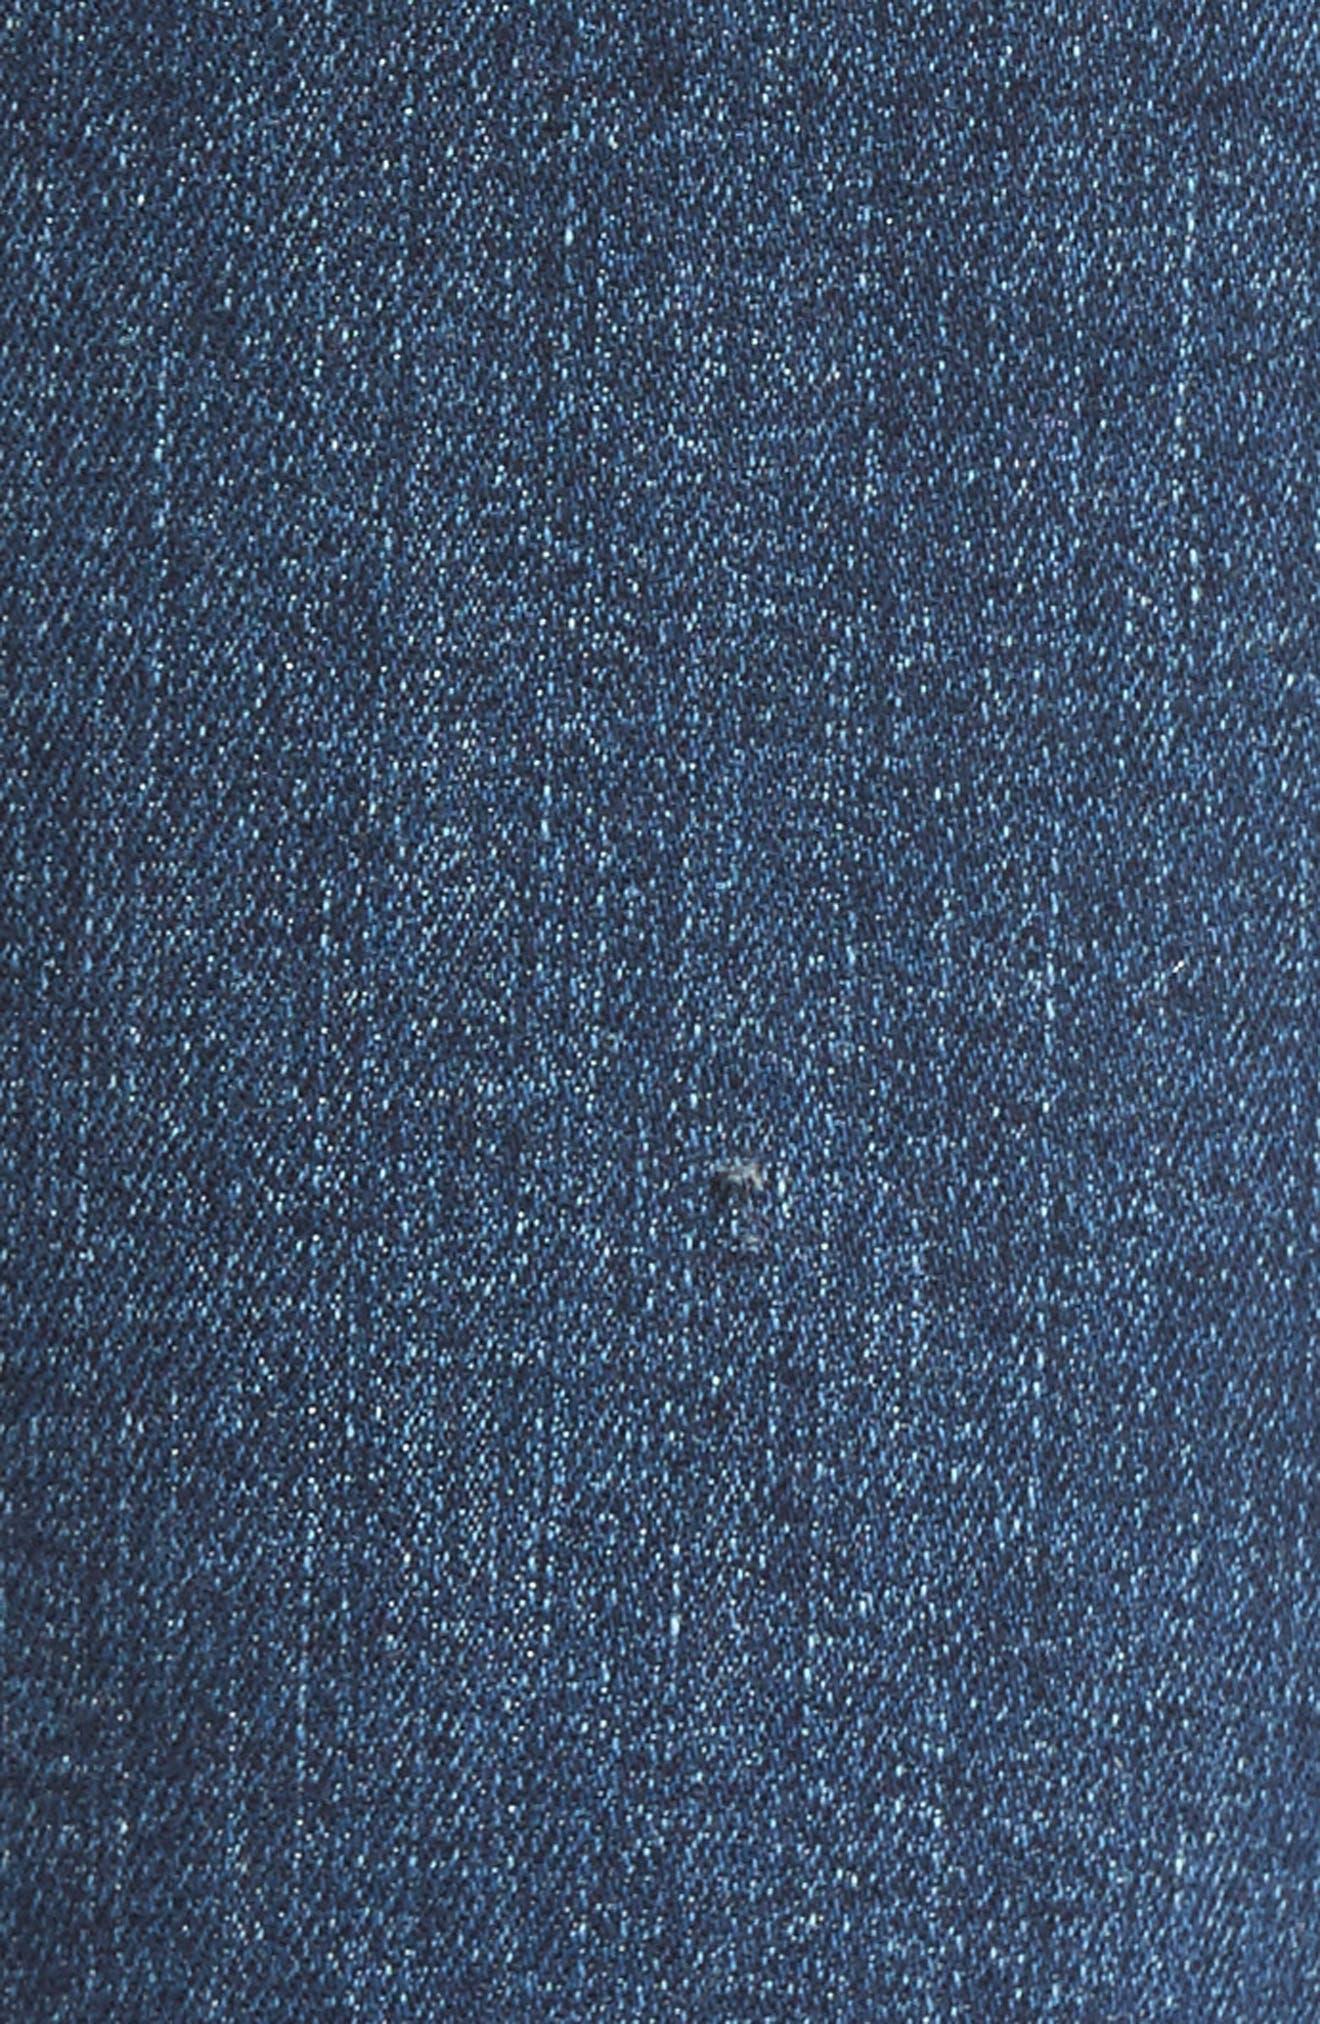 Transcend Vintage - Hoxton High Waist Ankle Peg Jeans,                             Alternate thumbnail 7, color,                             Riviera